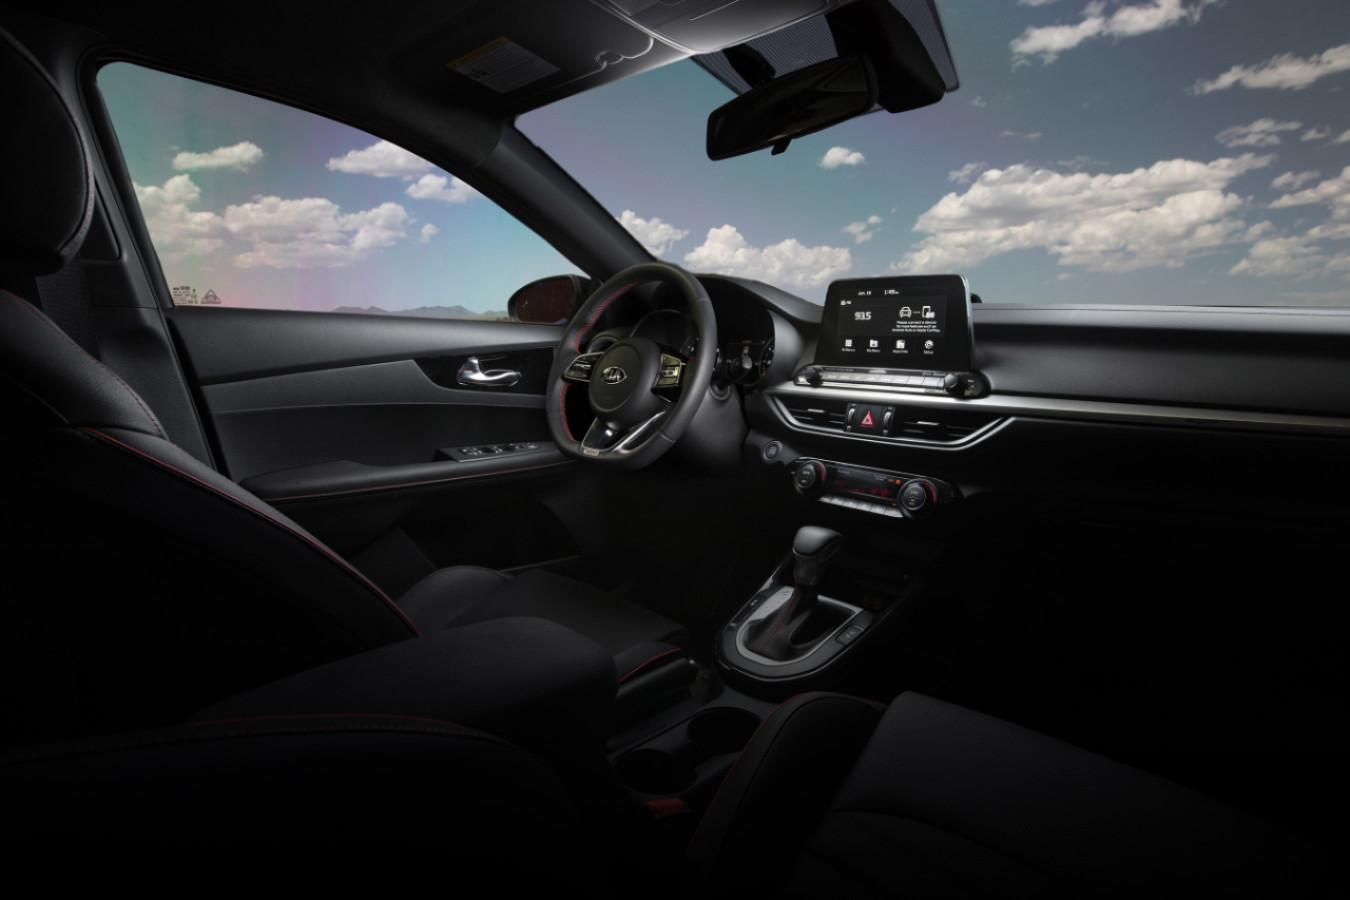 2020 Kia Forte Cockpit